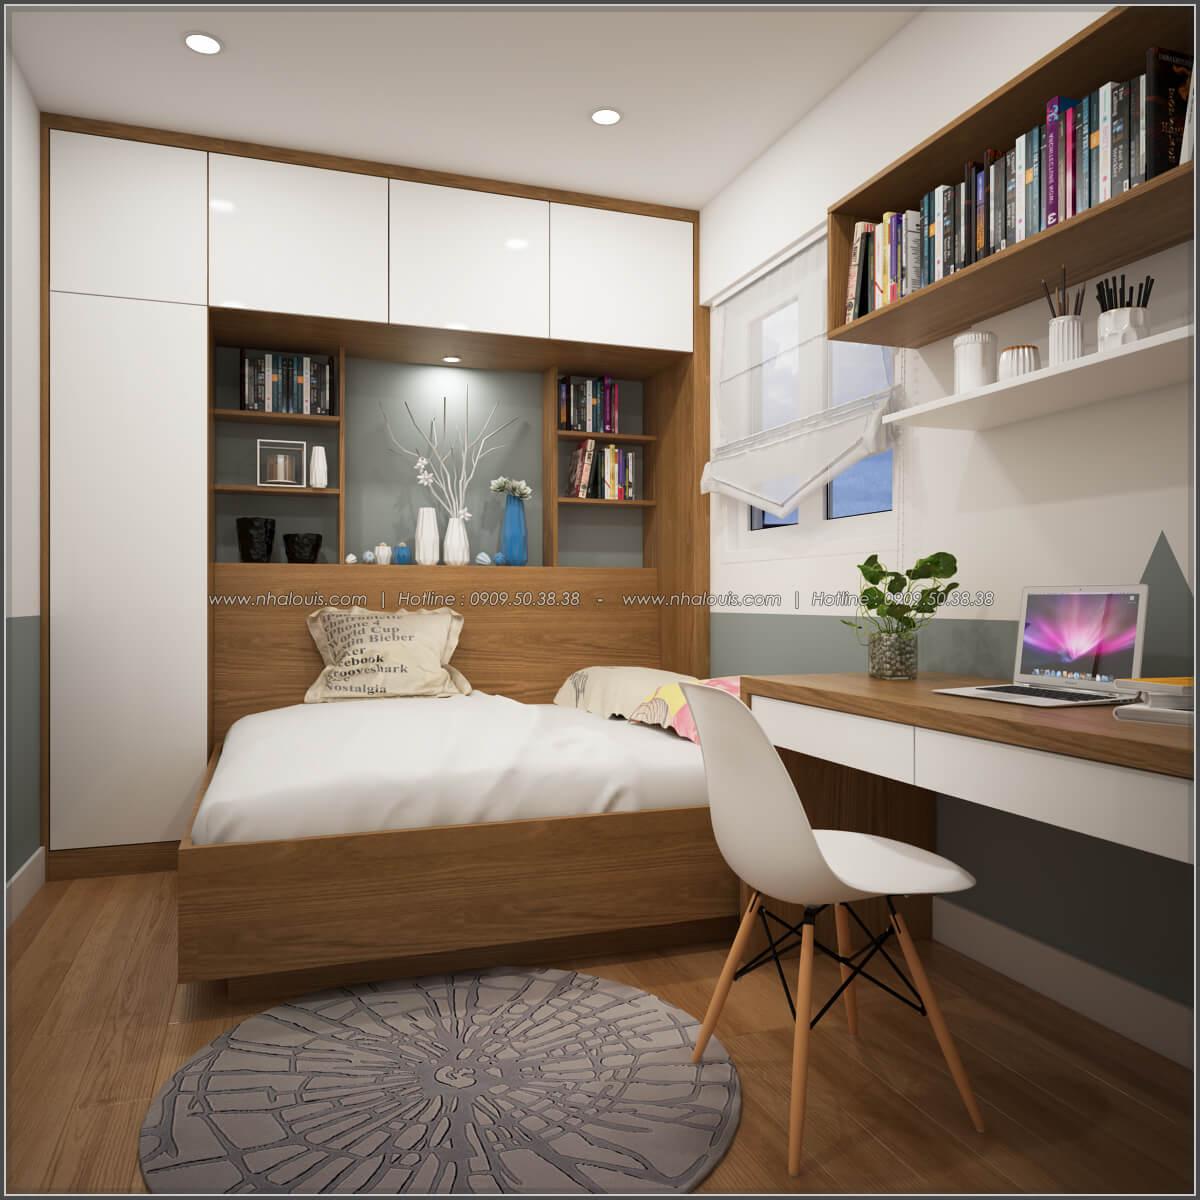 Phòng ngủ Thiết kế căn hộ chung cư 3 phòng ngủ Happy Valley quận 7 - 10